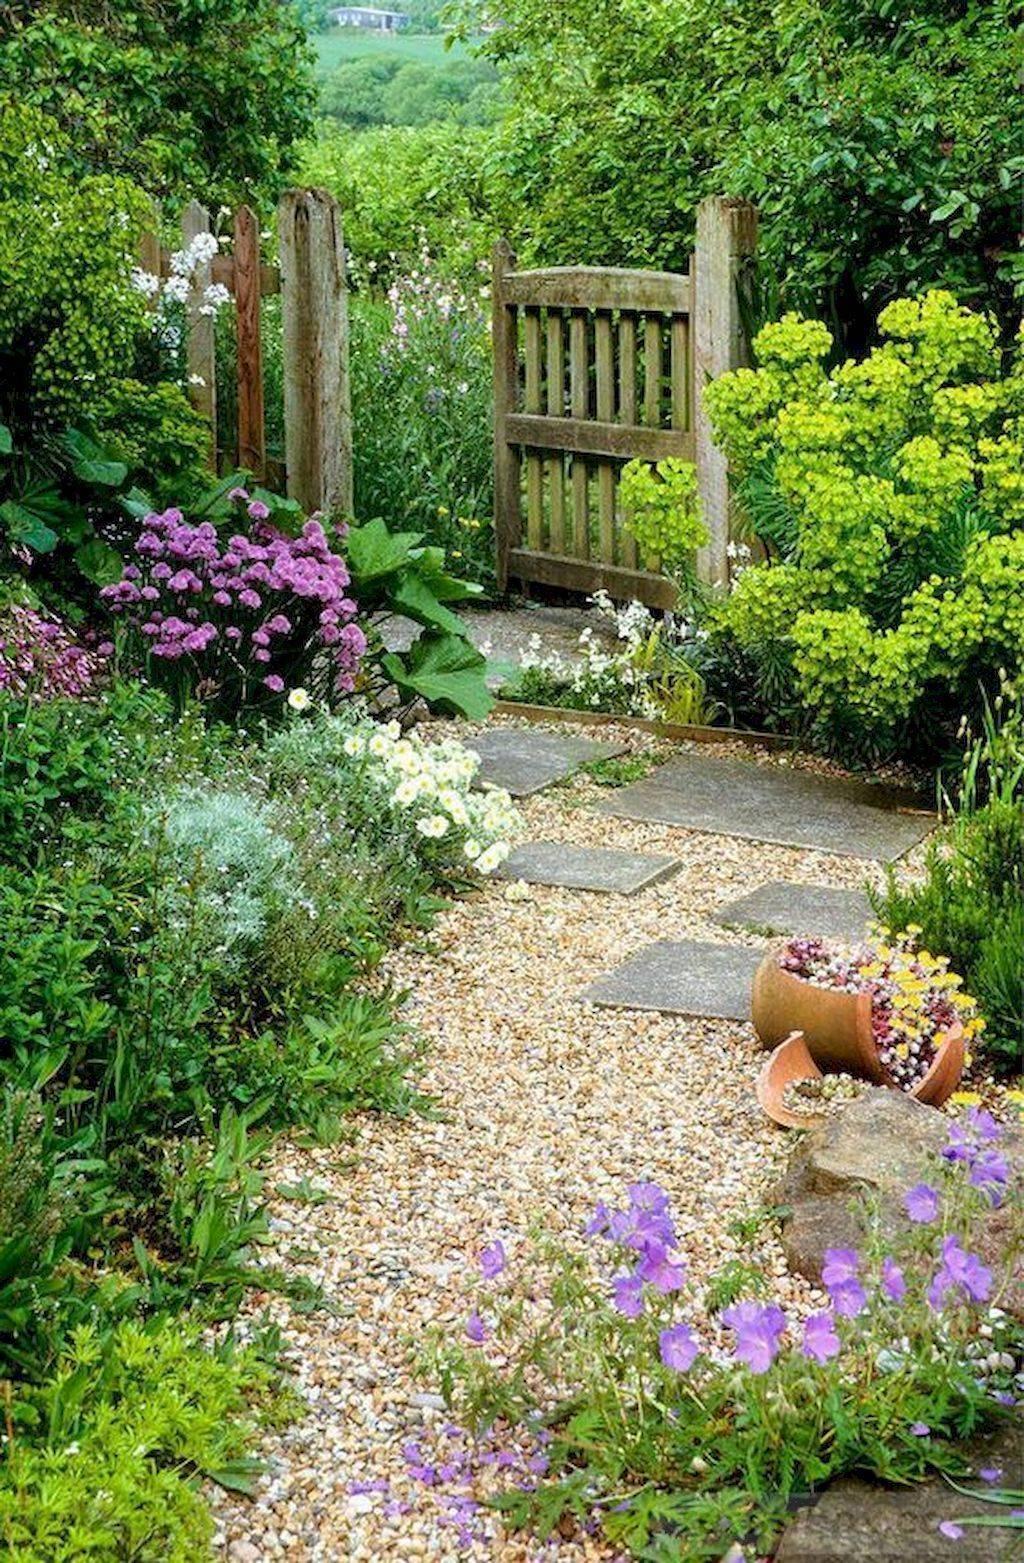 tropical garden ideas-114630753002018846